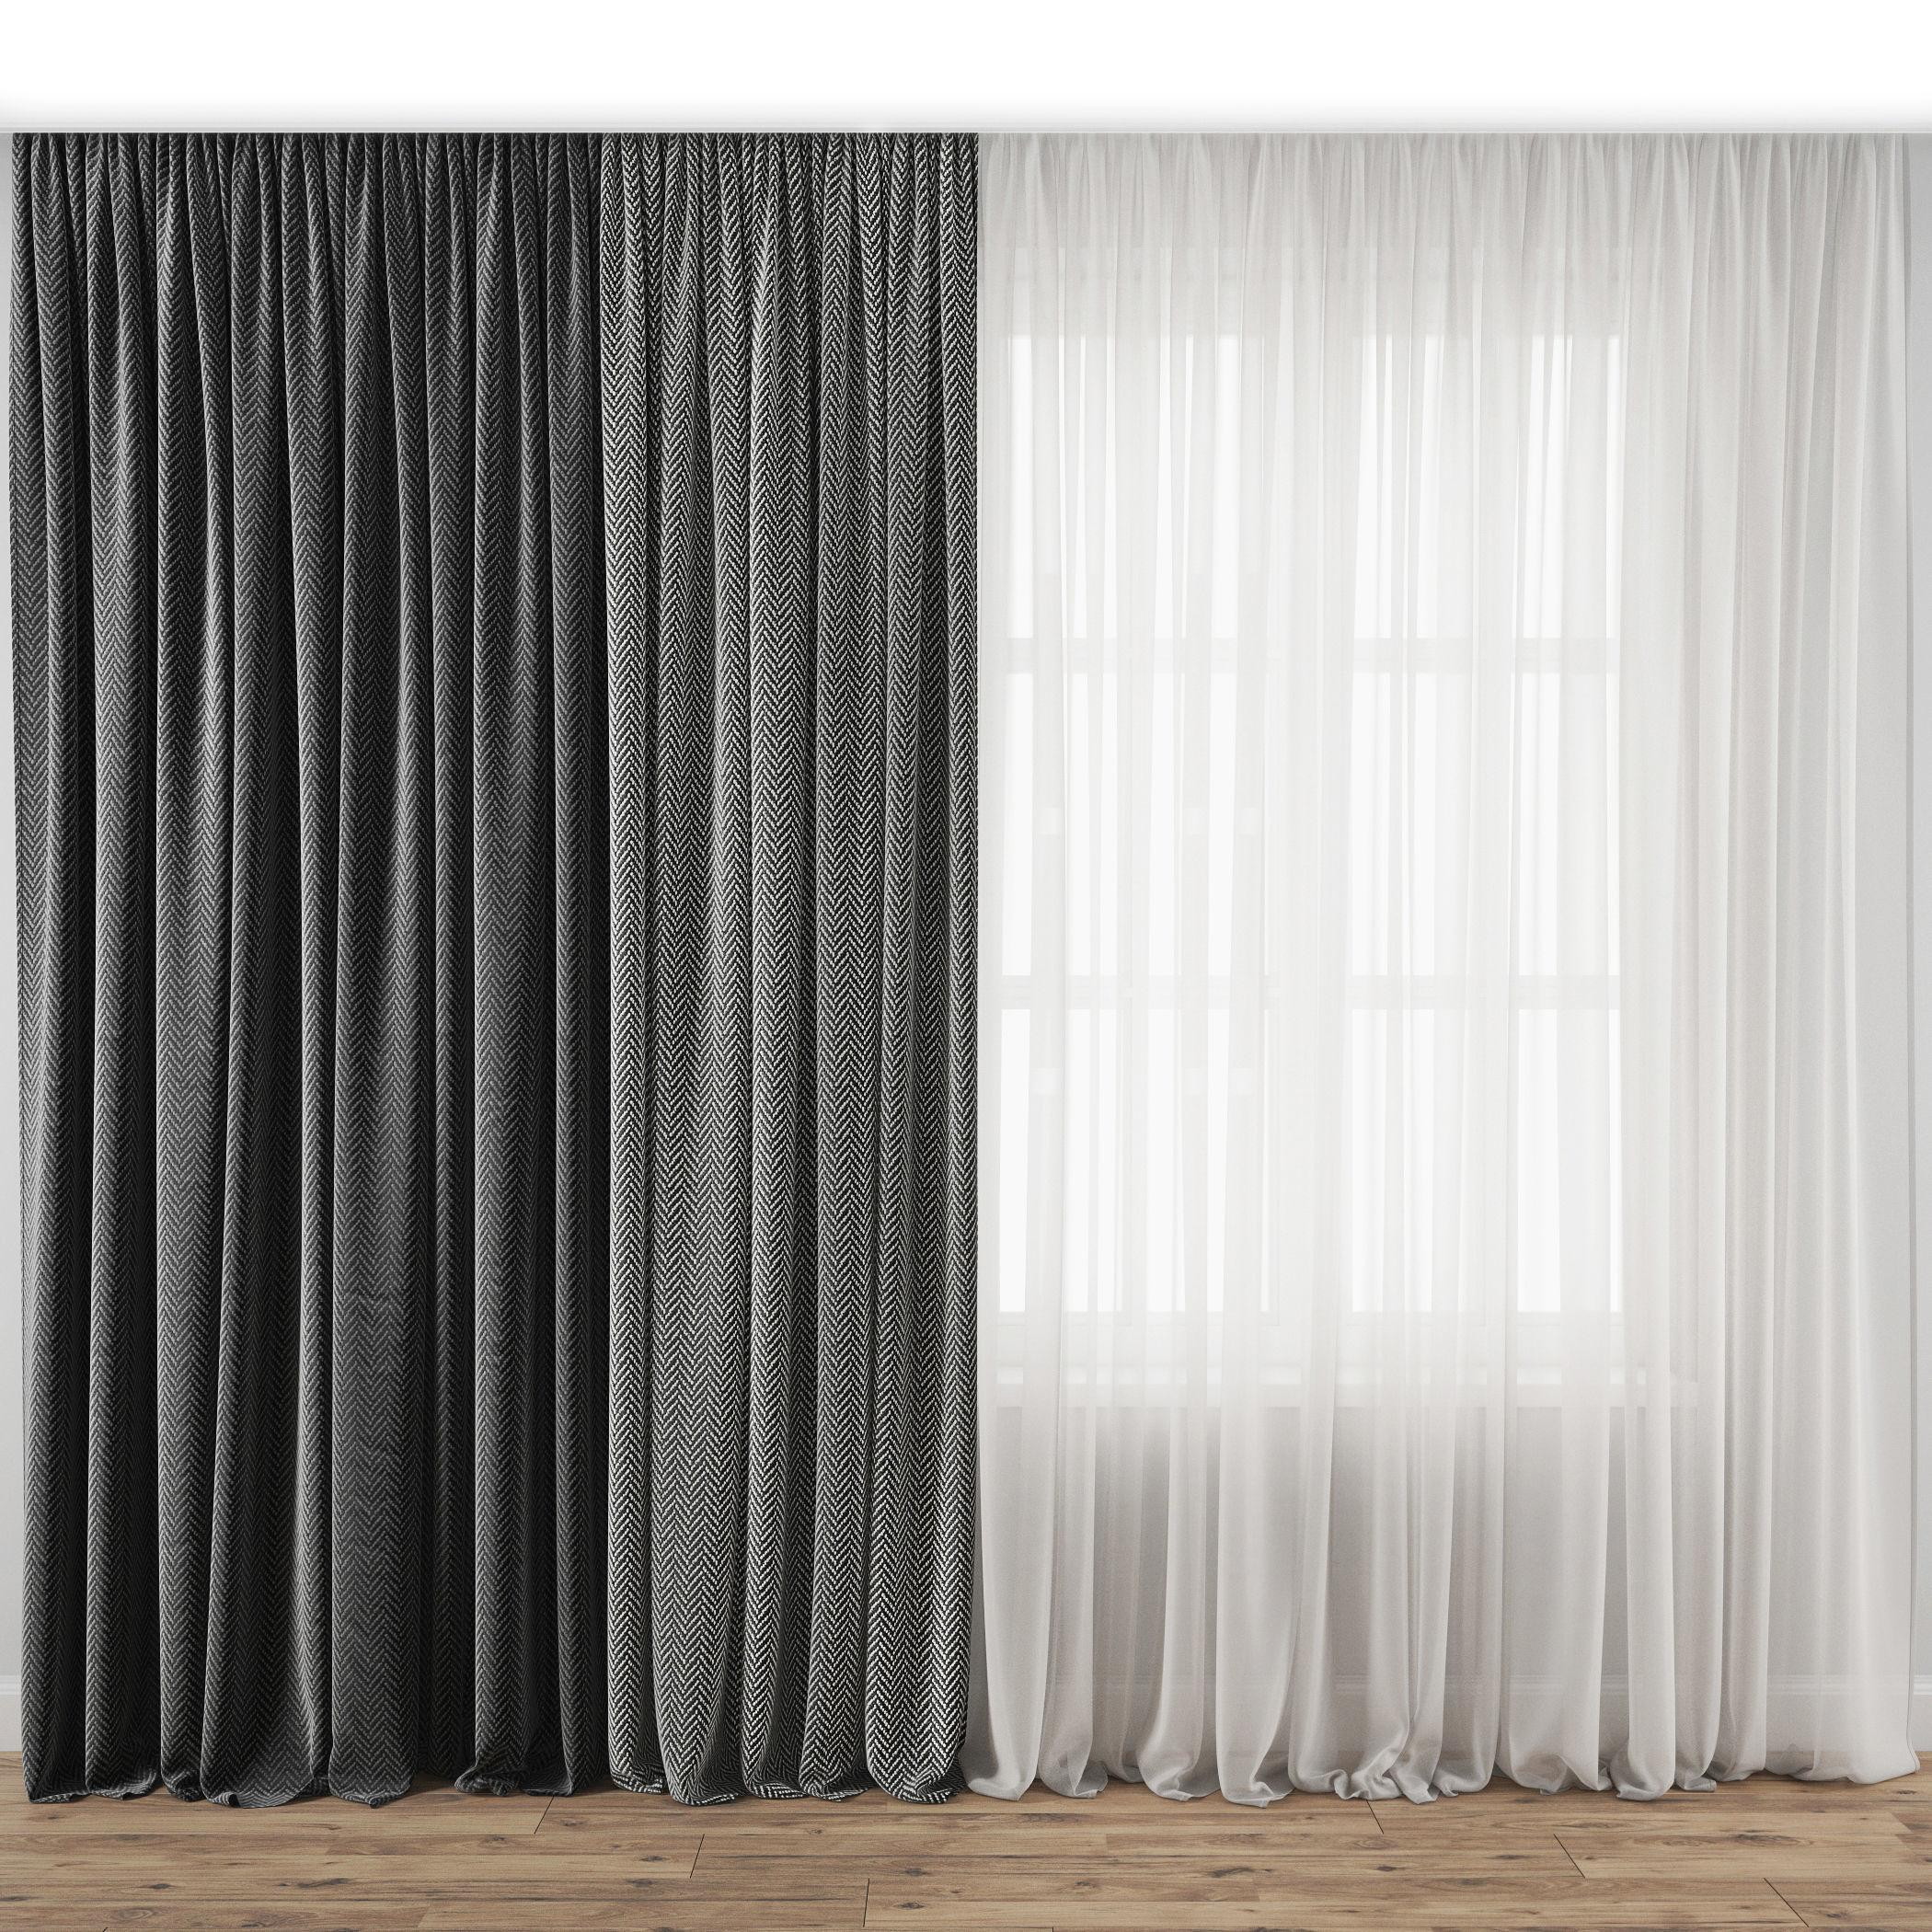 Curtain 123